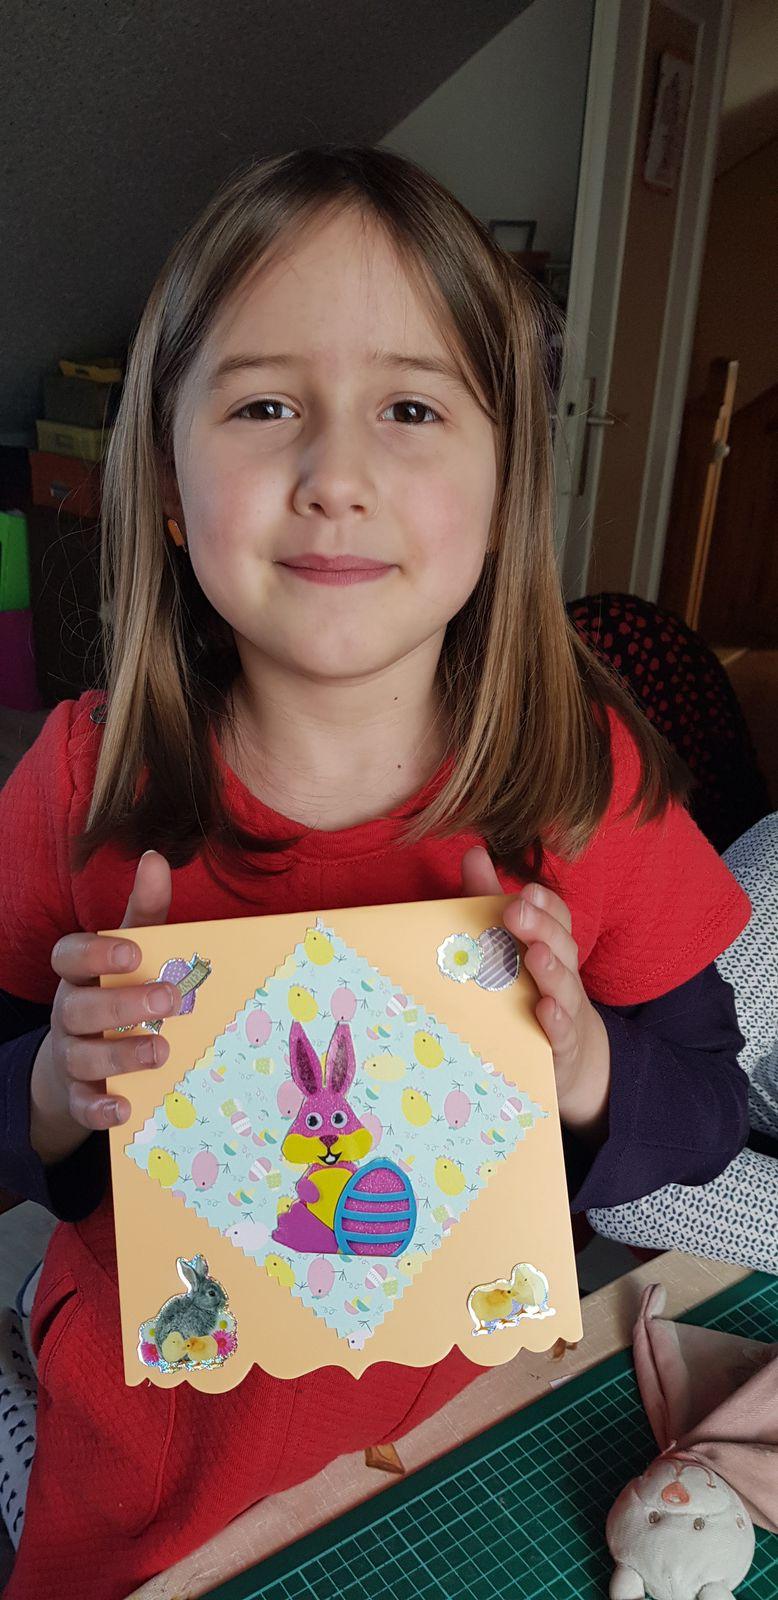 Et deux petites cartes qui seront destinées à être envoyées  dans une maison de retraite pour souhaiter de joyeuses Pâques  aux papis et mamies  privé  de visites